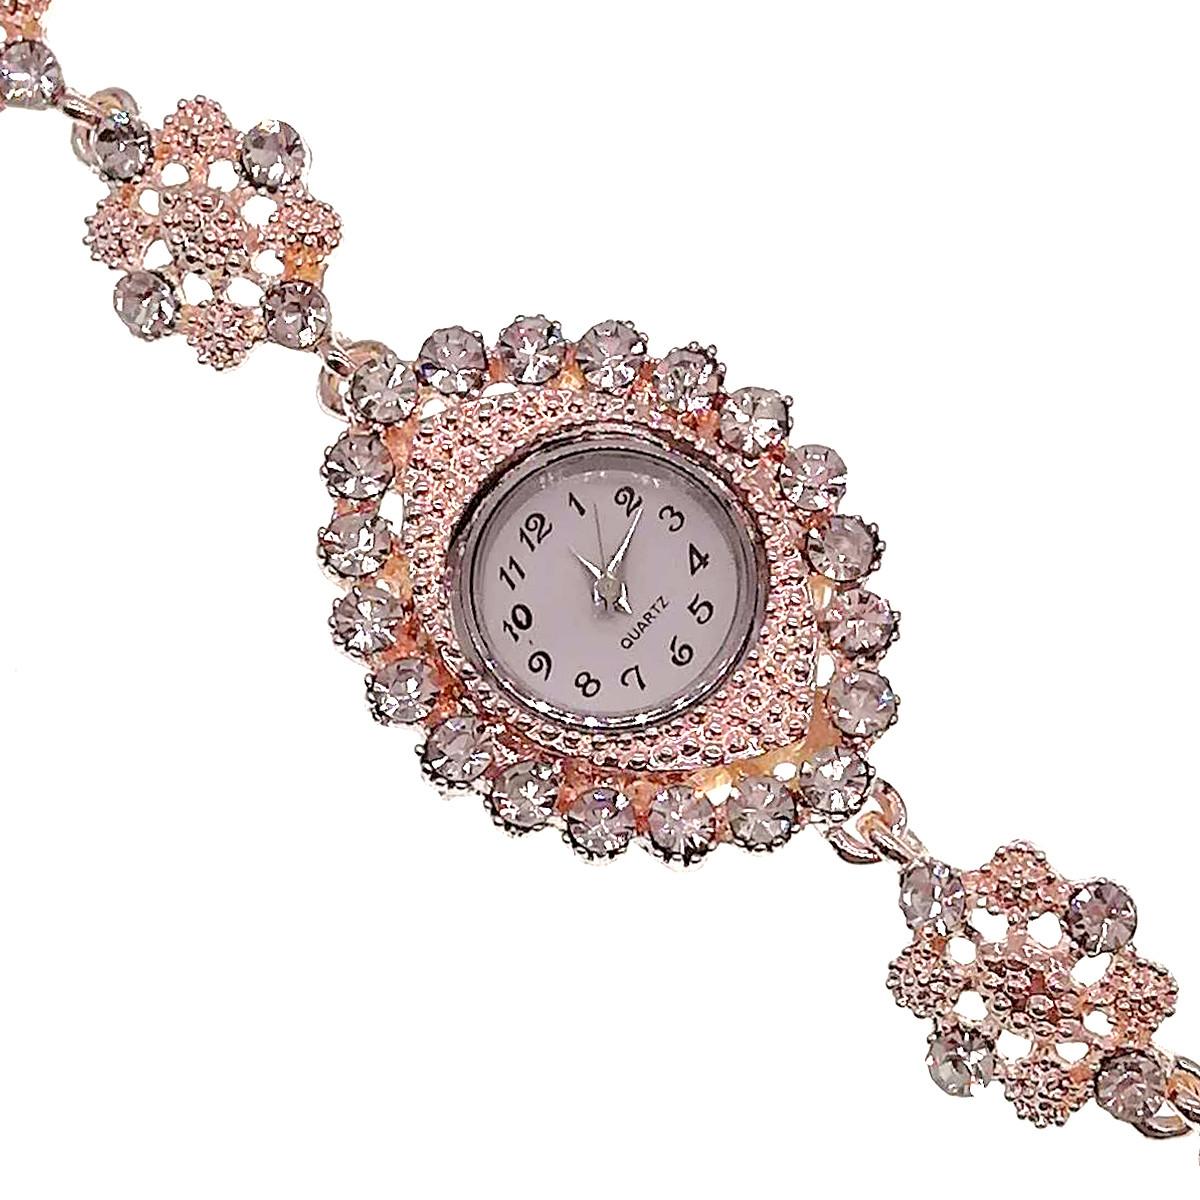 Кварцевые часы SONATA, белые фианиты, позолота РО, 95995             (1)